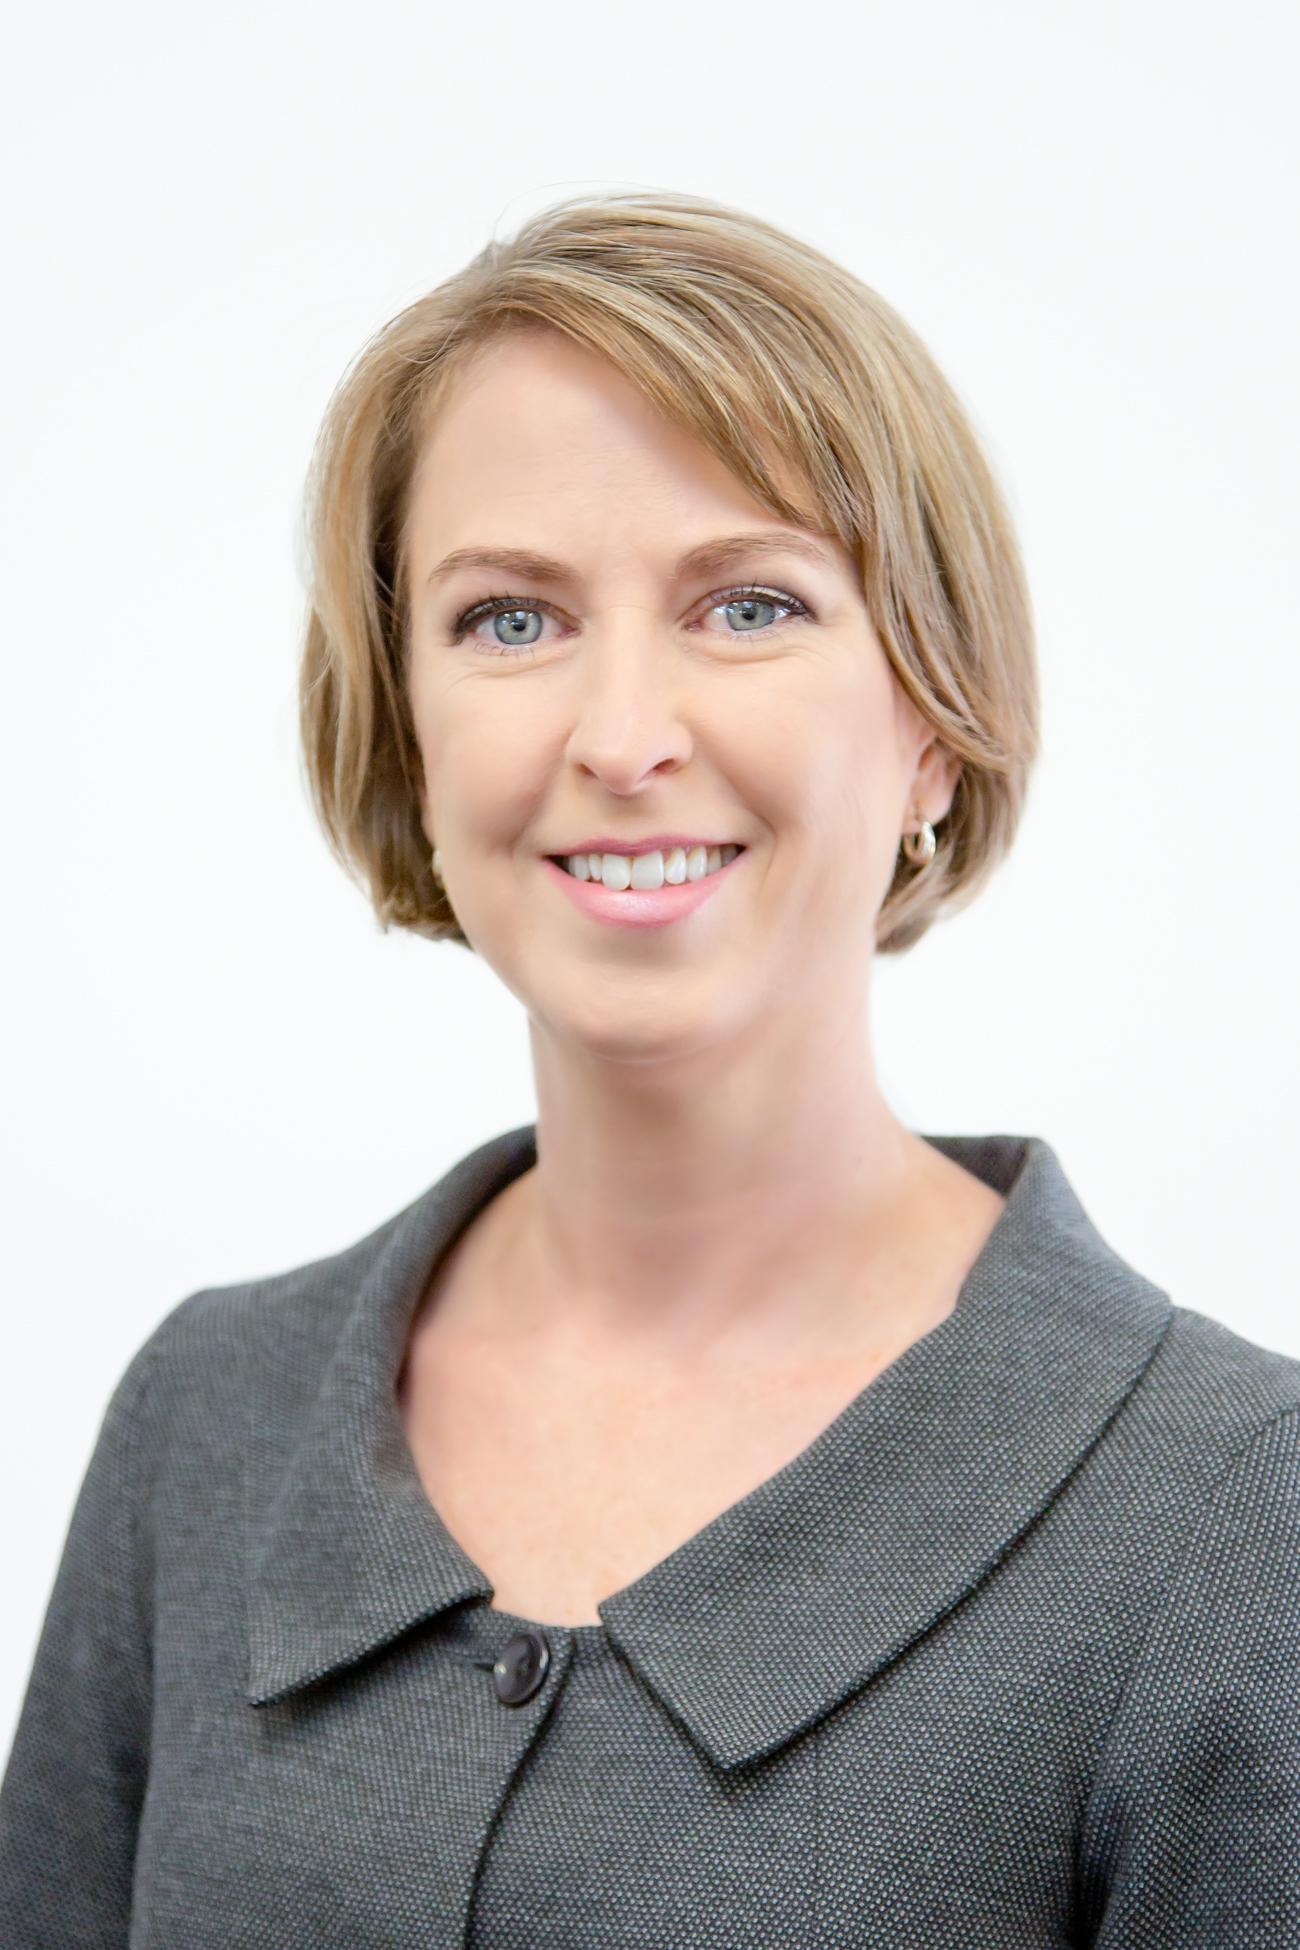 Lauren Kane